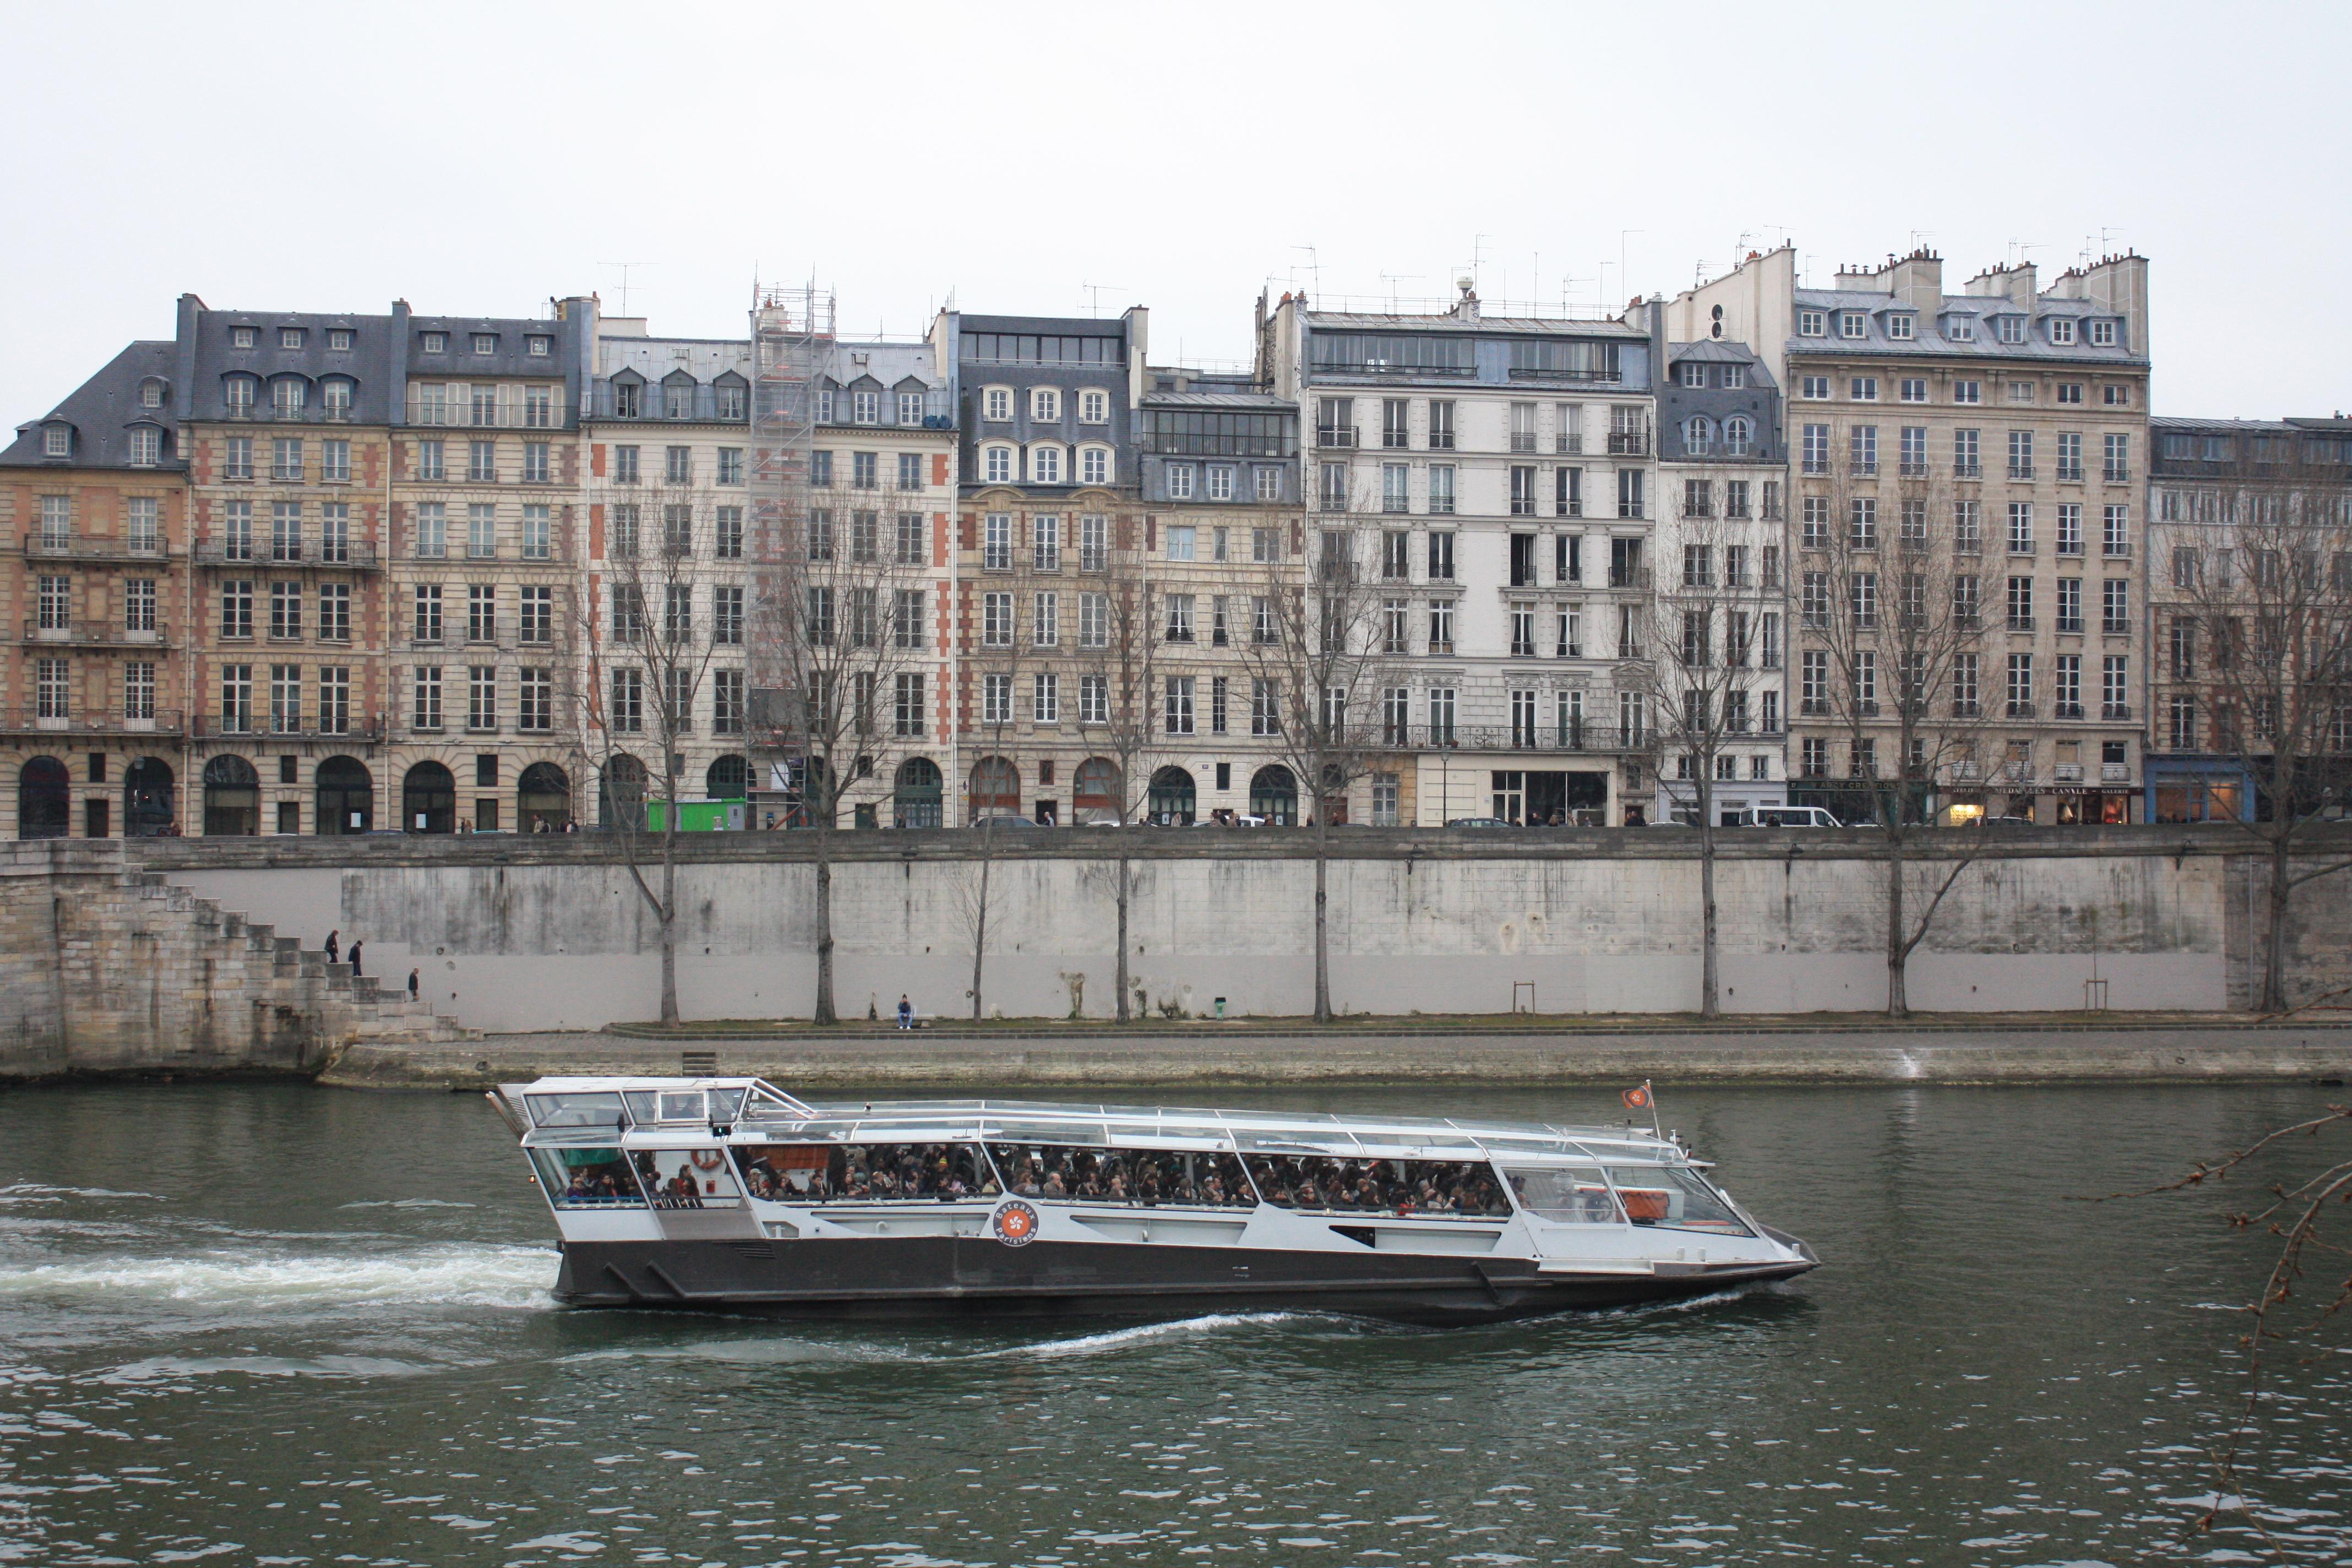 Stasiun metro St Michel dan stasiun Pont Neuf terletak hanya beberapa puluh meter dari tempat ini Meski sebenarnya untuk menjelajahi Quartier Latin yang